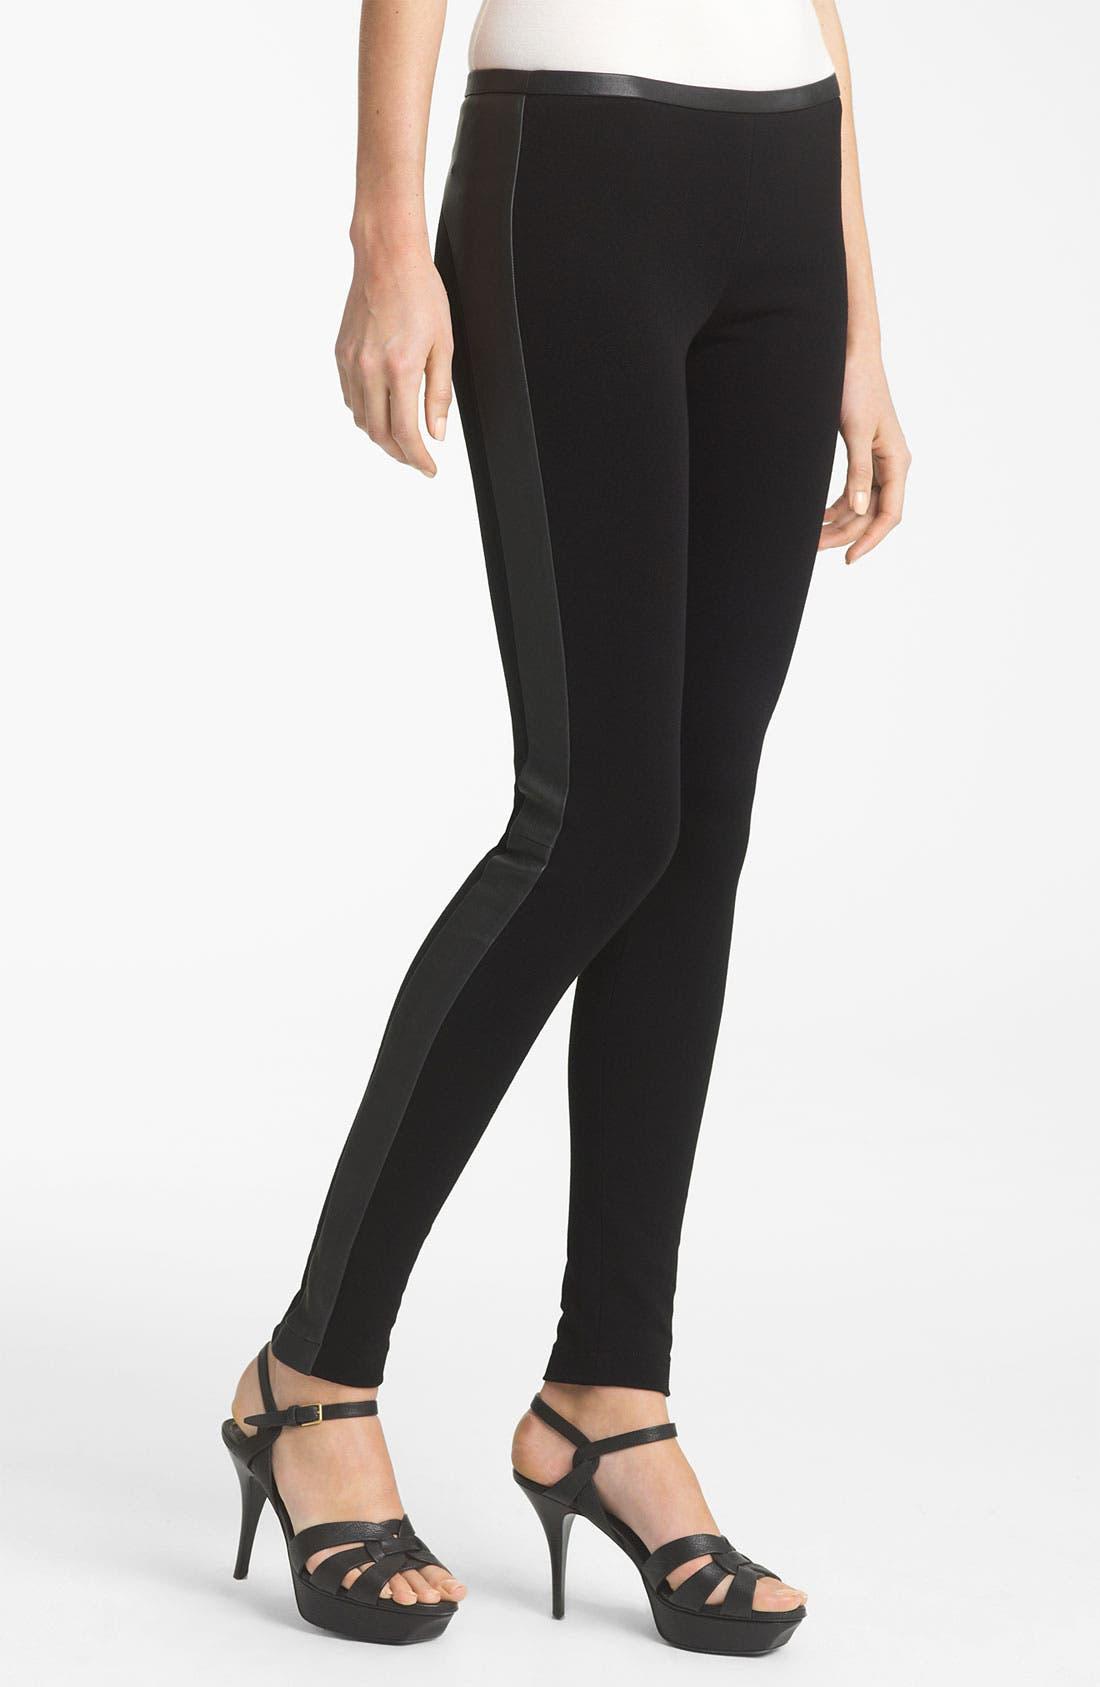 Main Image - Emilio Pucci Leather Trim Leggings